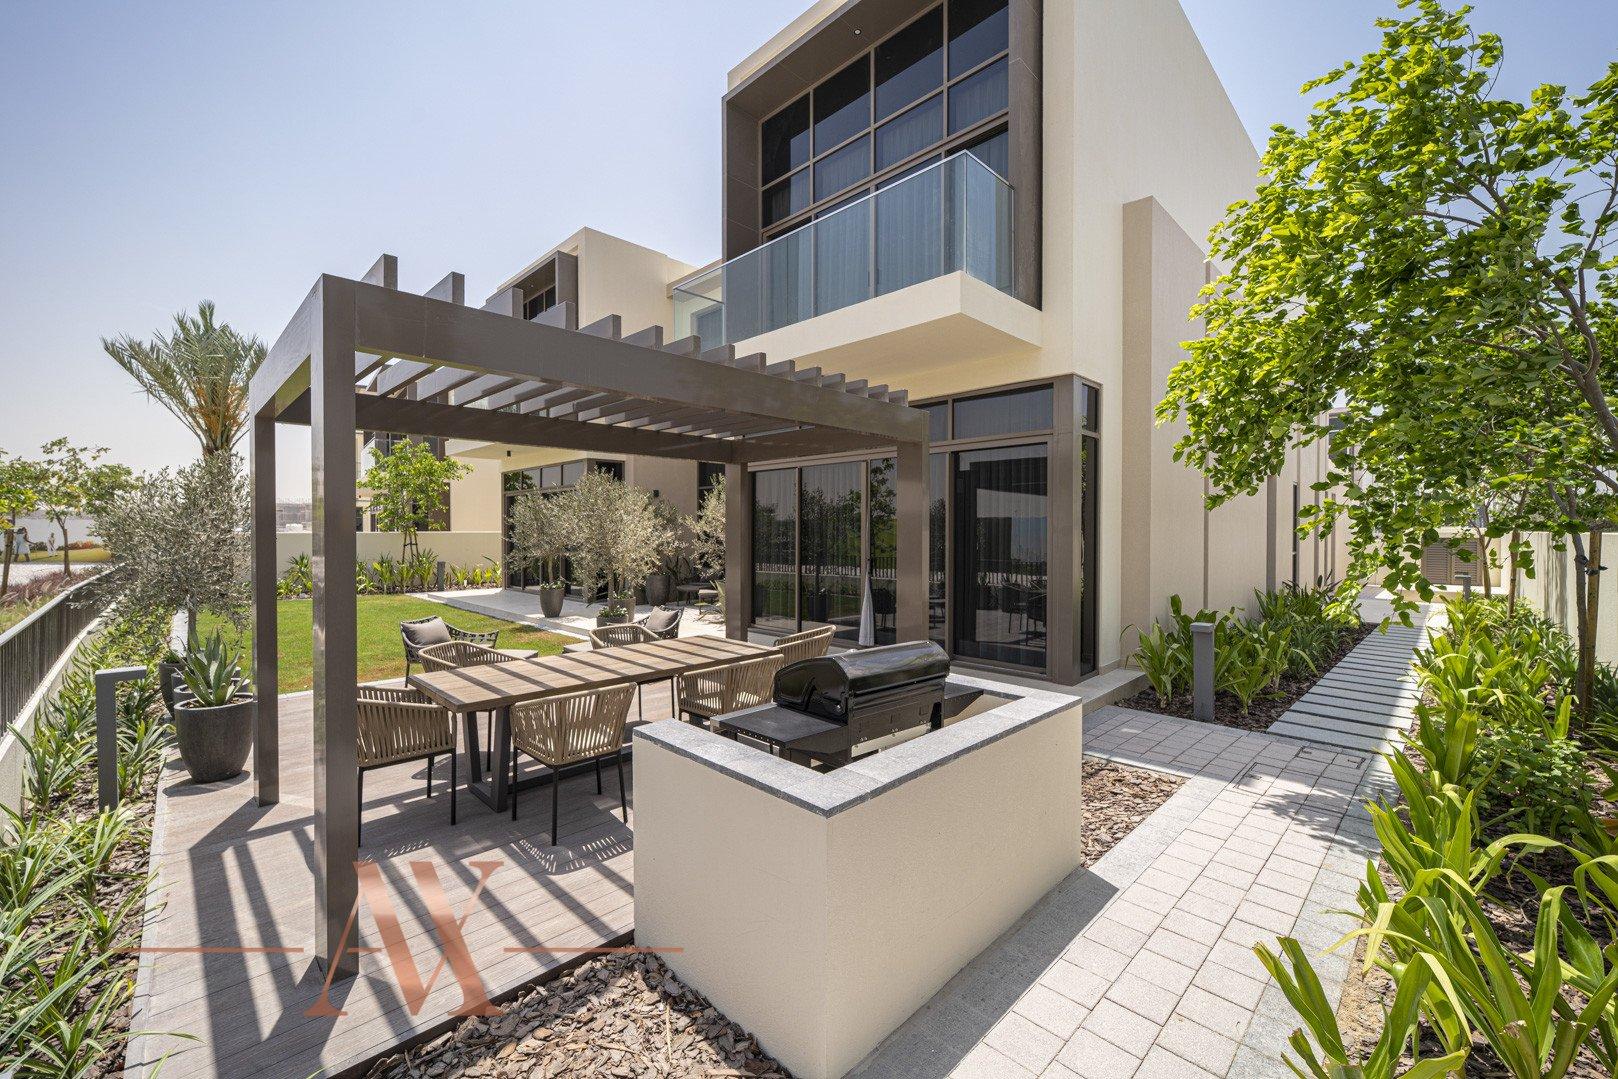 Villa en venta en Dubai, EAU, 4 dormitorios, 659.6 m2, № 23710 – foto 2